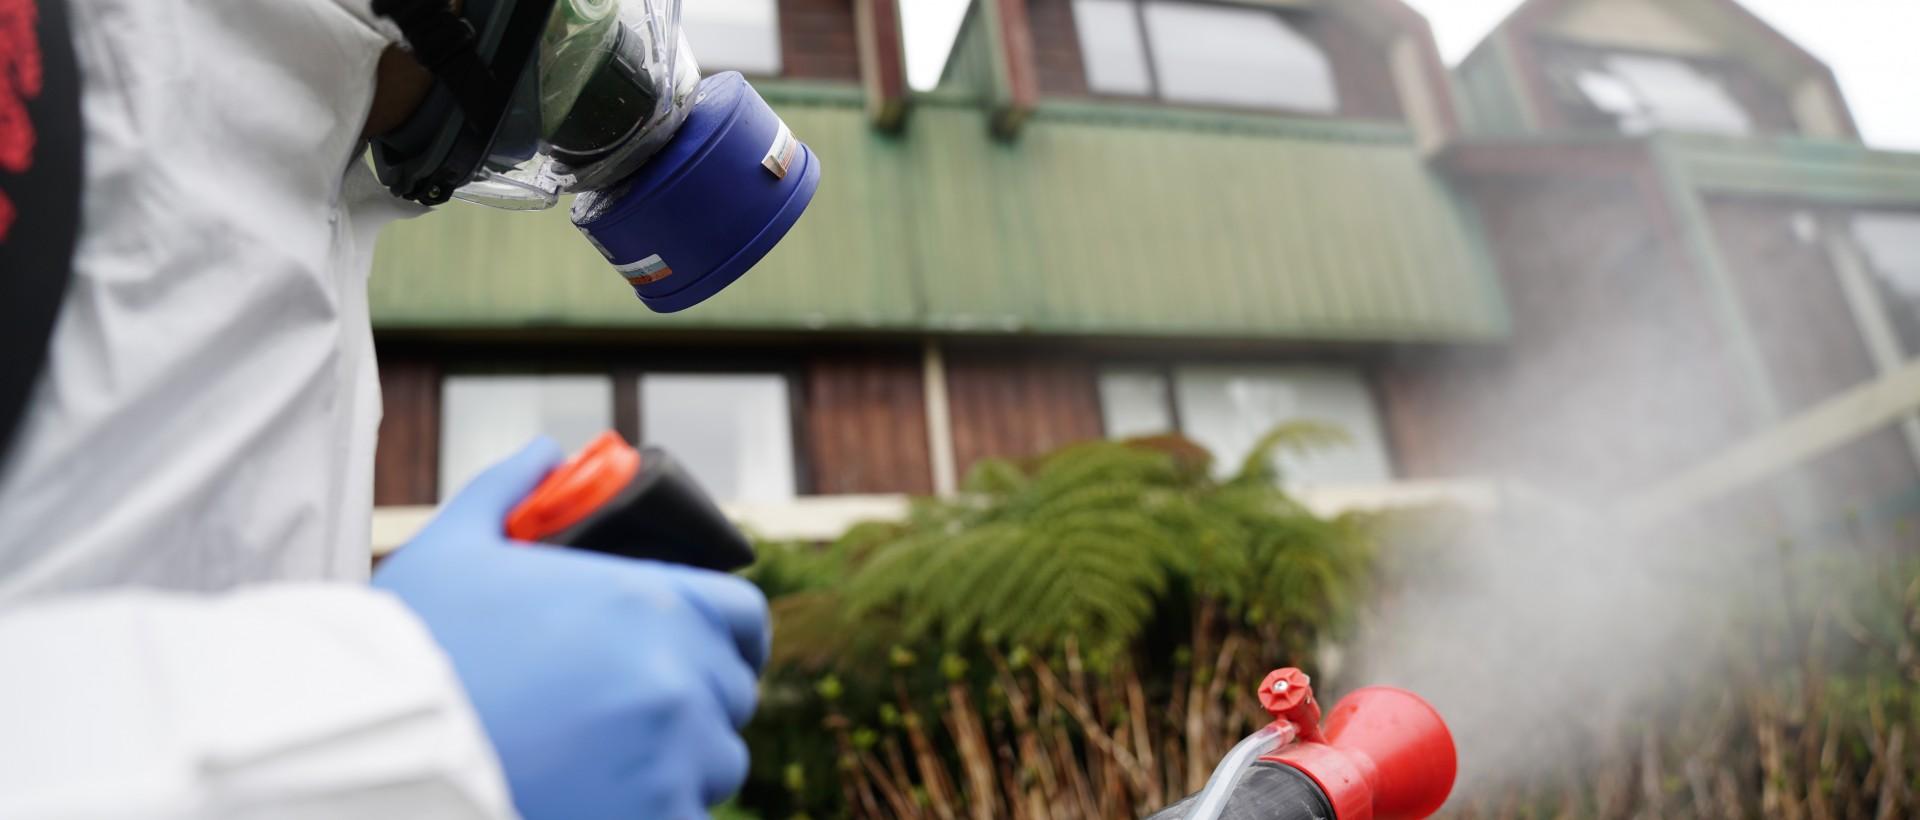 PLAGASUR® | Control de Plagas en Puerto Montt - Puerto Varas - Osorno - Castro | Desinsectación